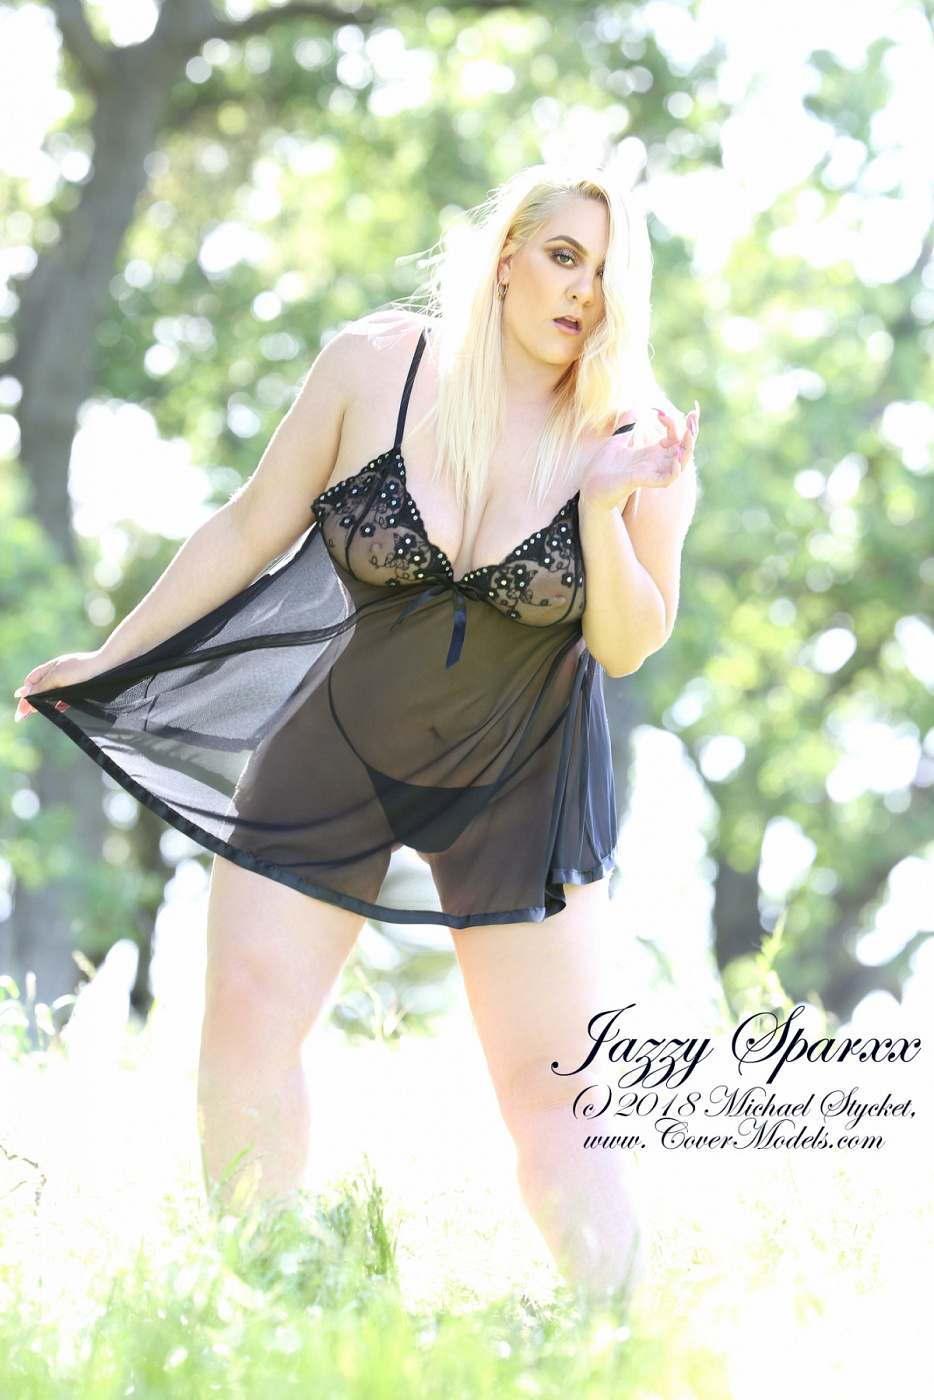 Jazzy Sparxxx